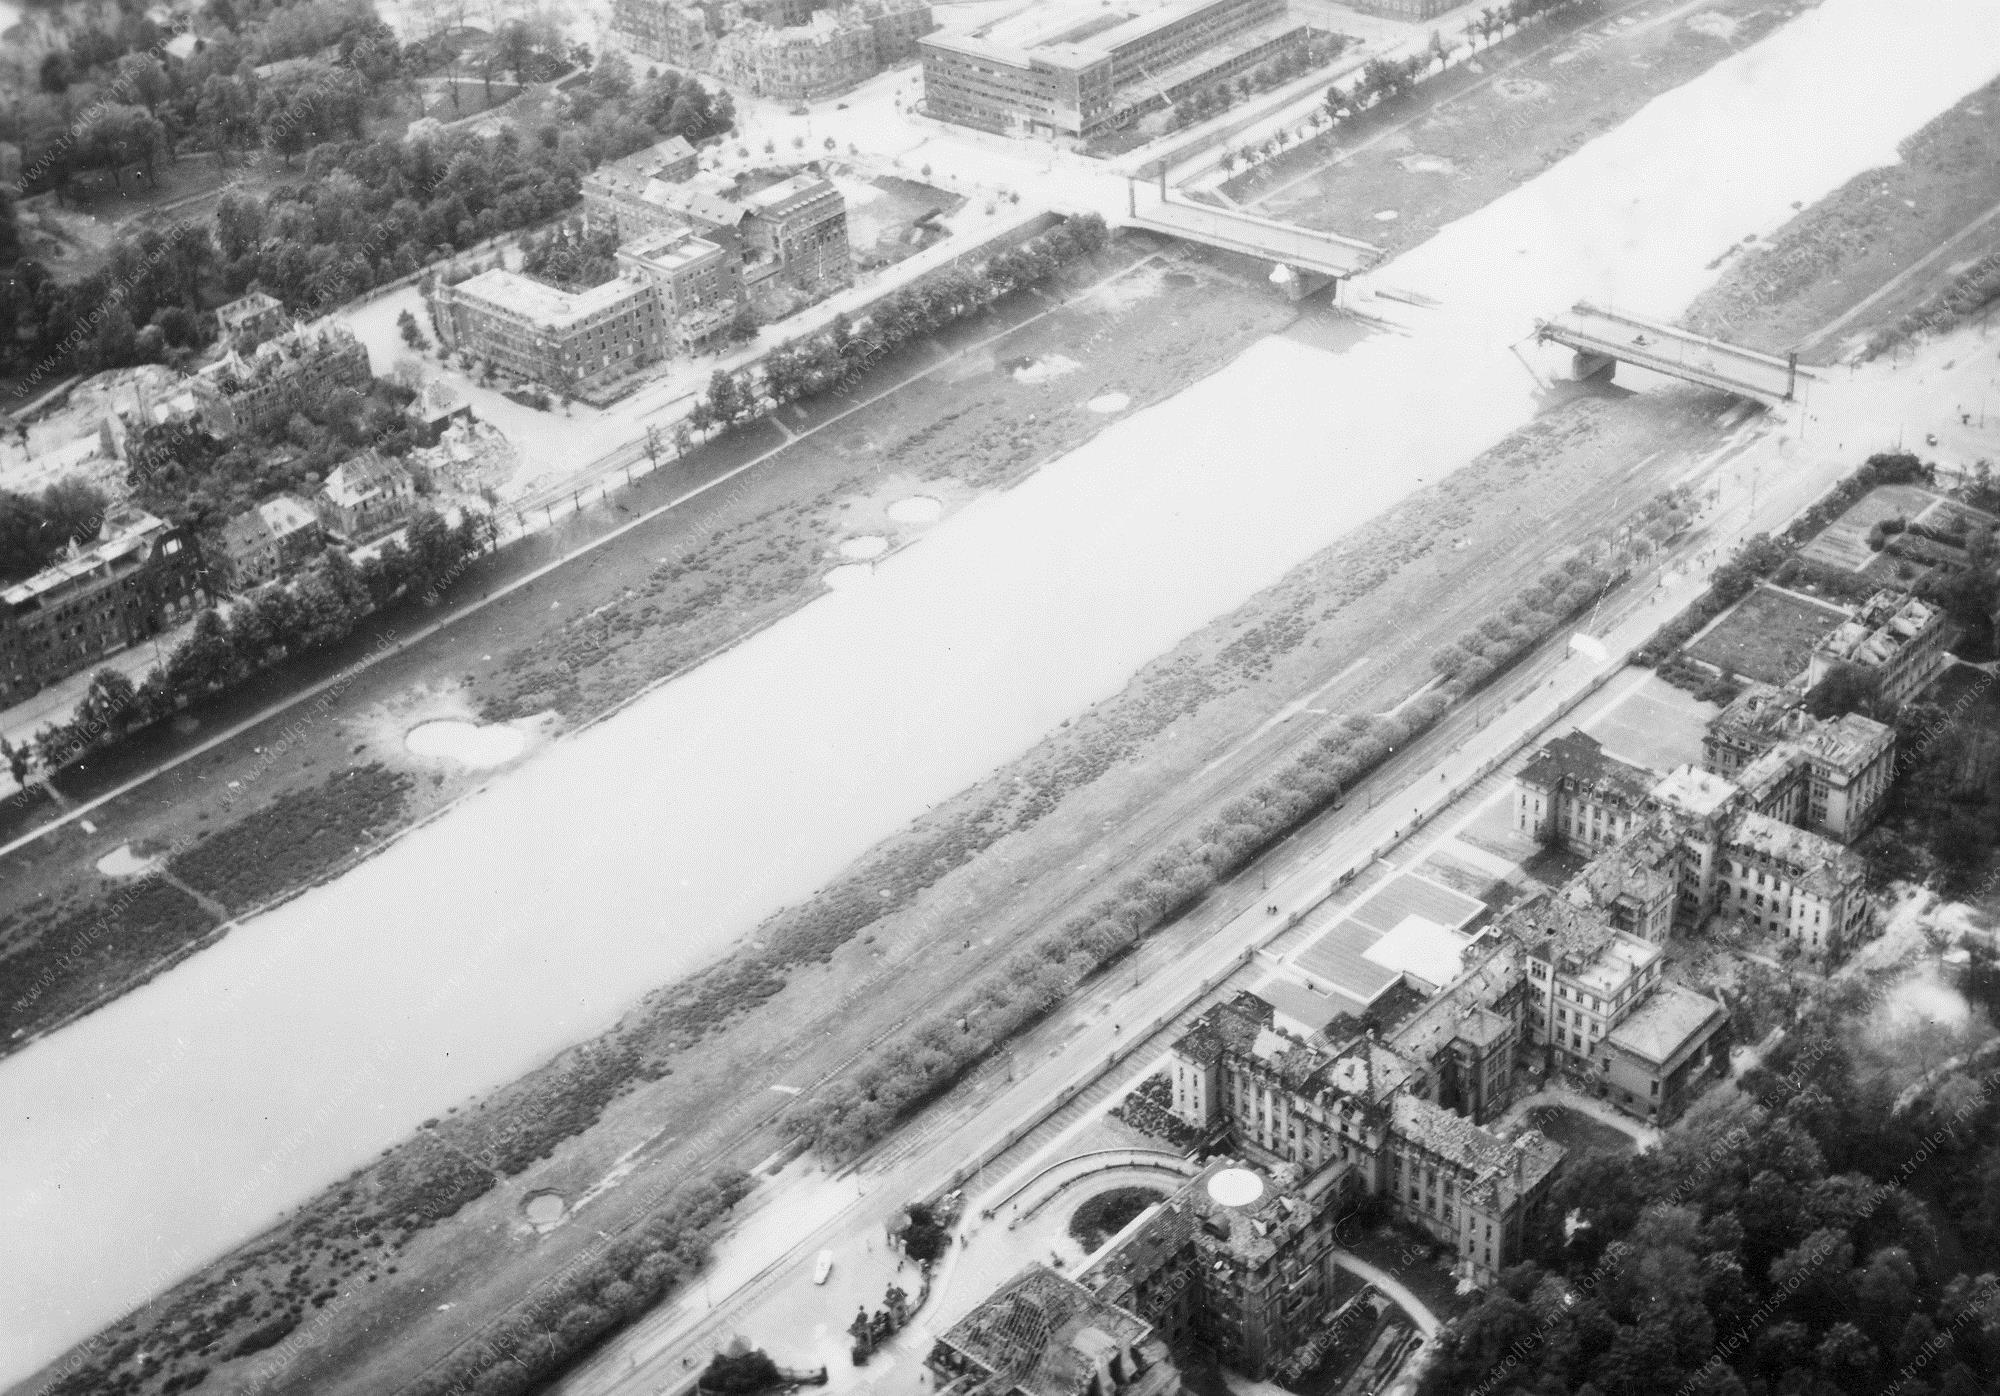 Mannheim Luftbild Friedrich-Ebert-Brücke